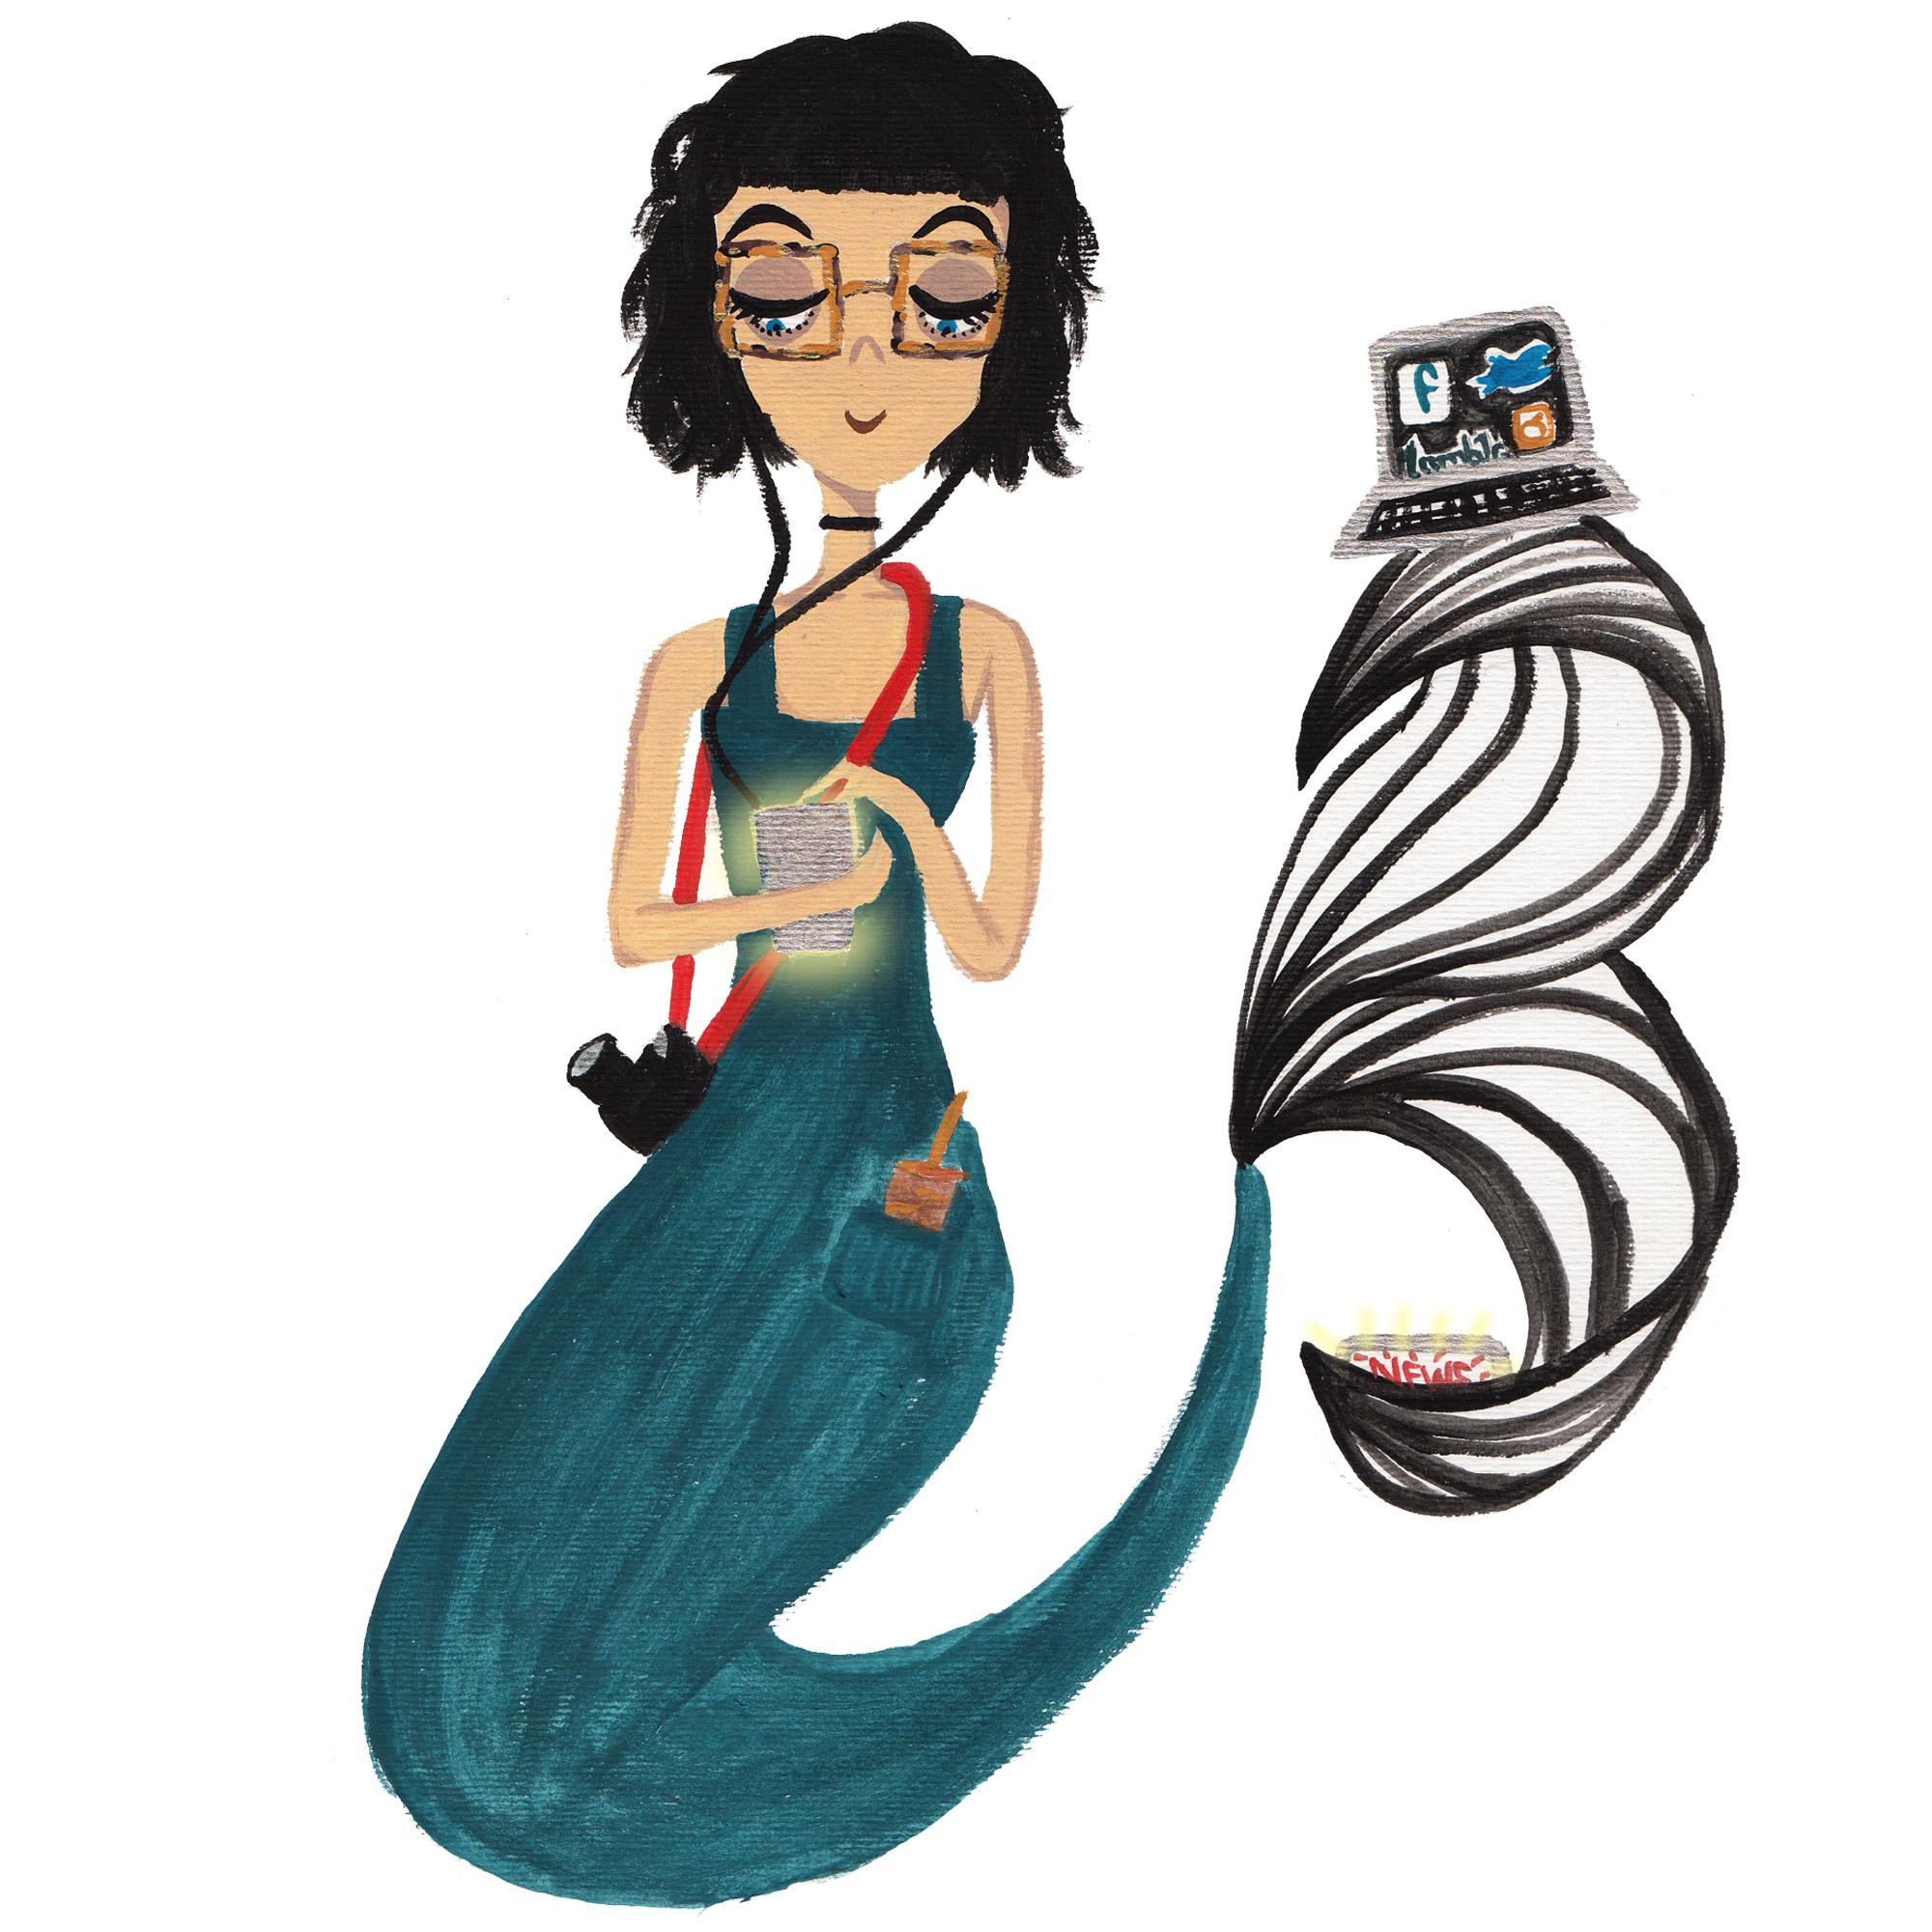 mermaidssocialmedia.jpg